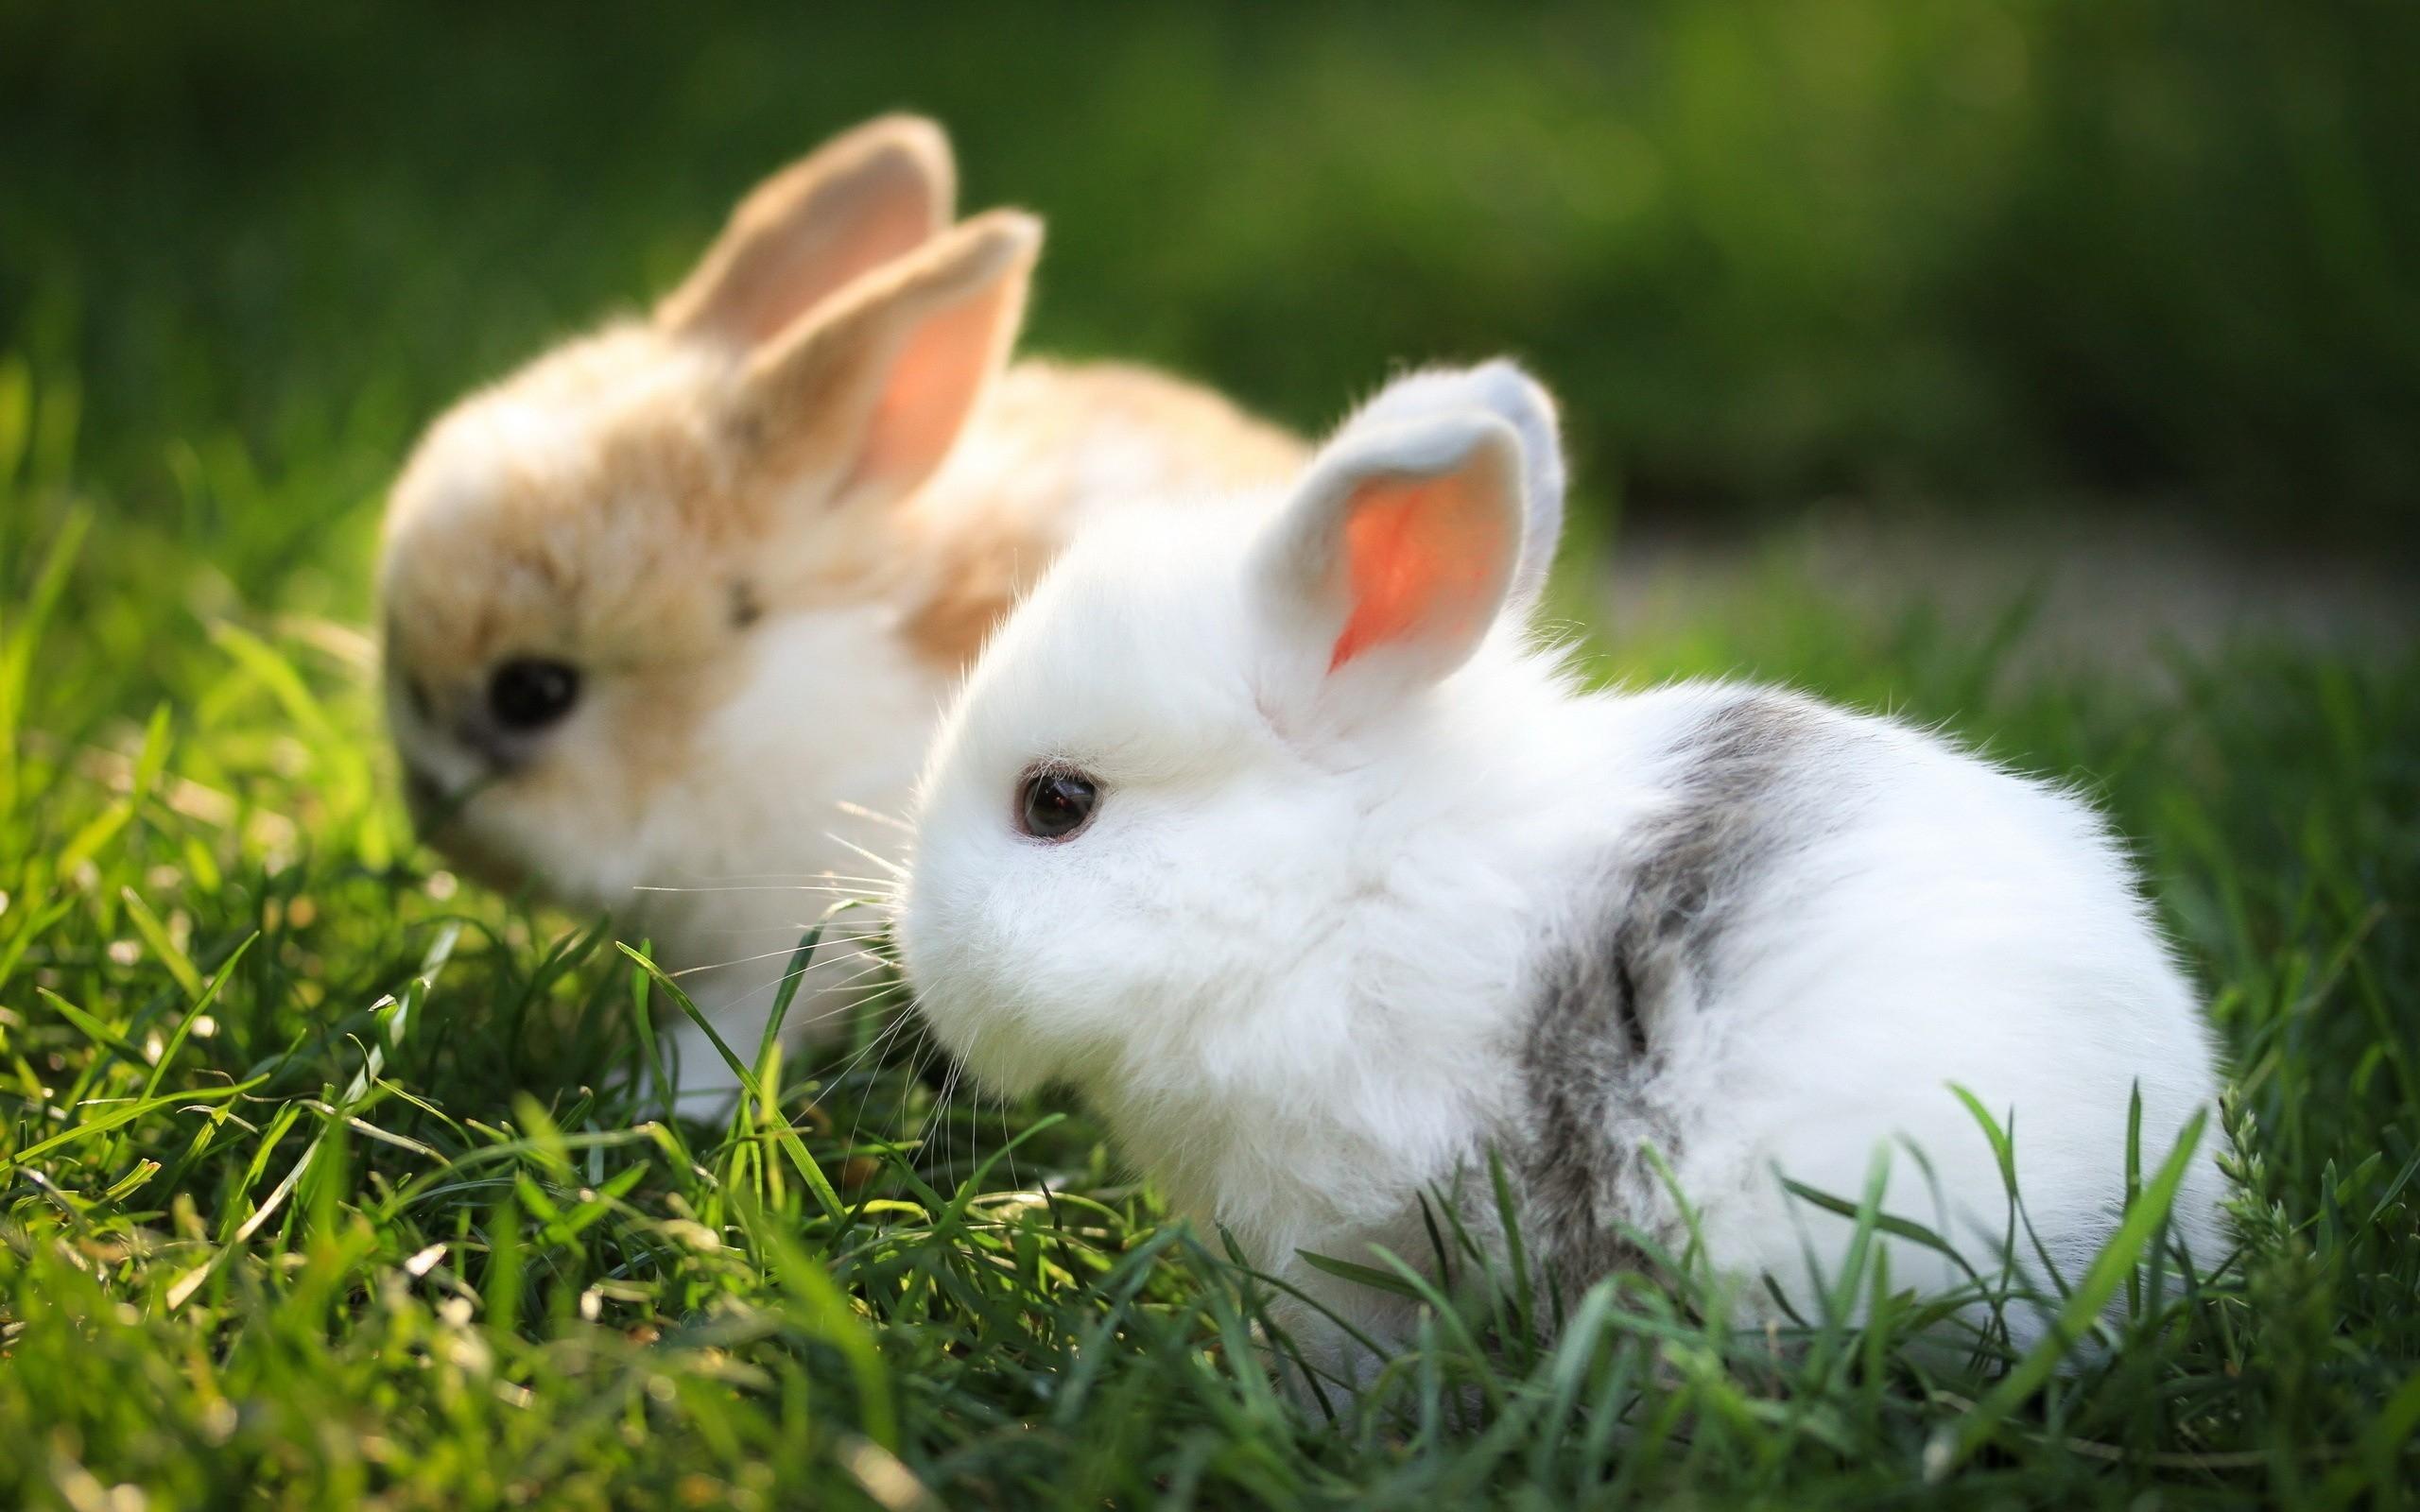 кролик девушка природа животное загрузить